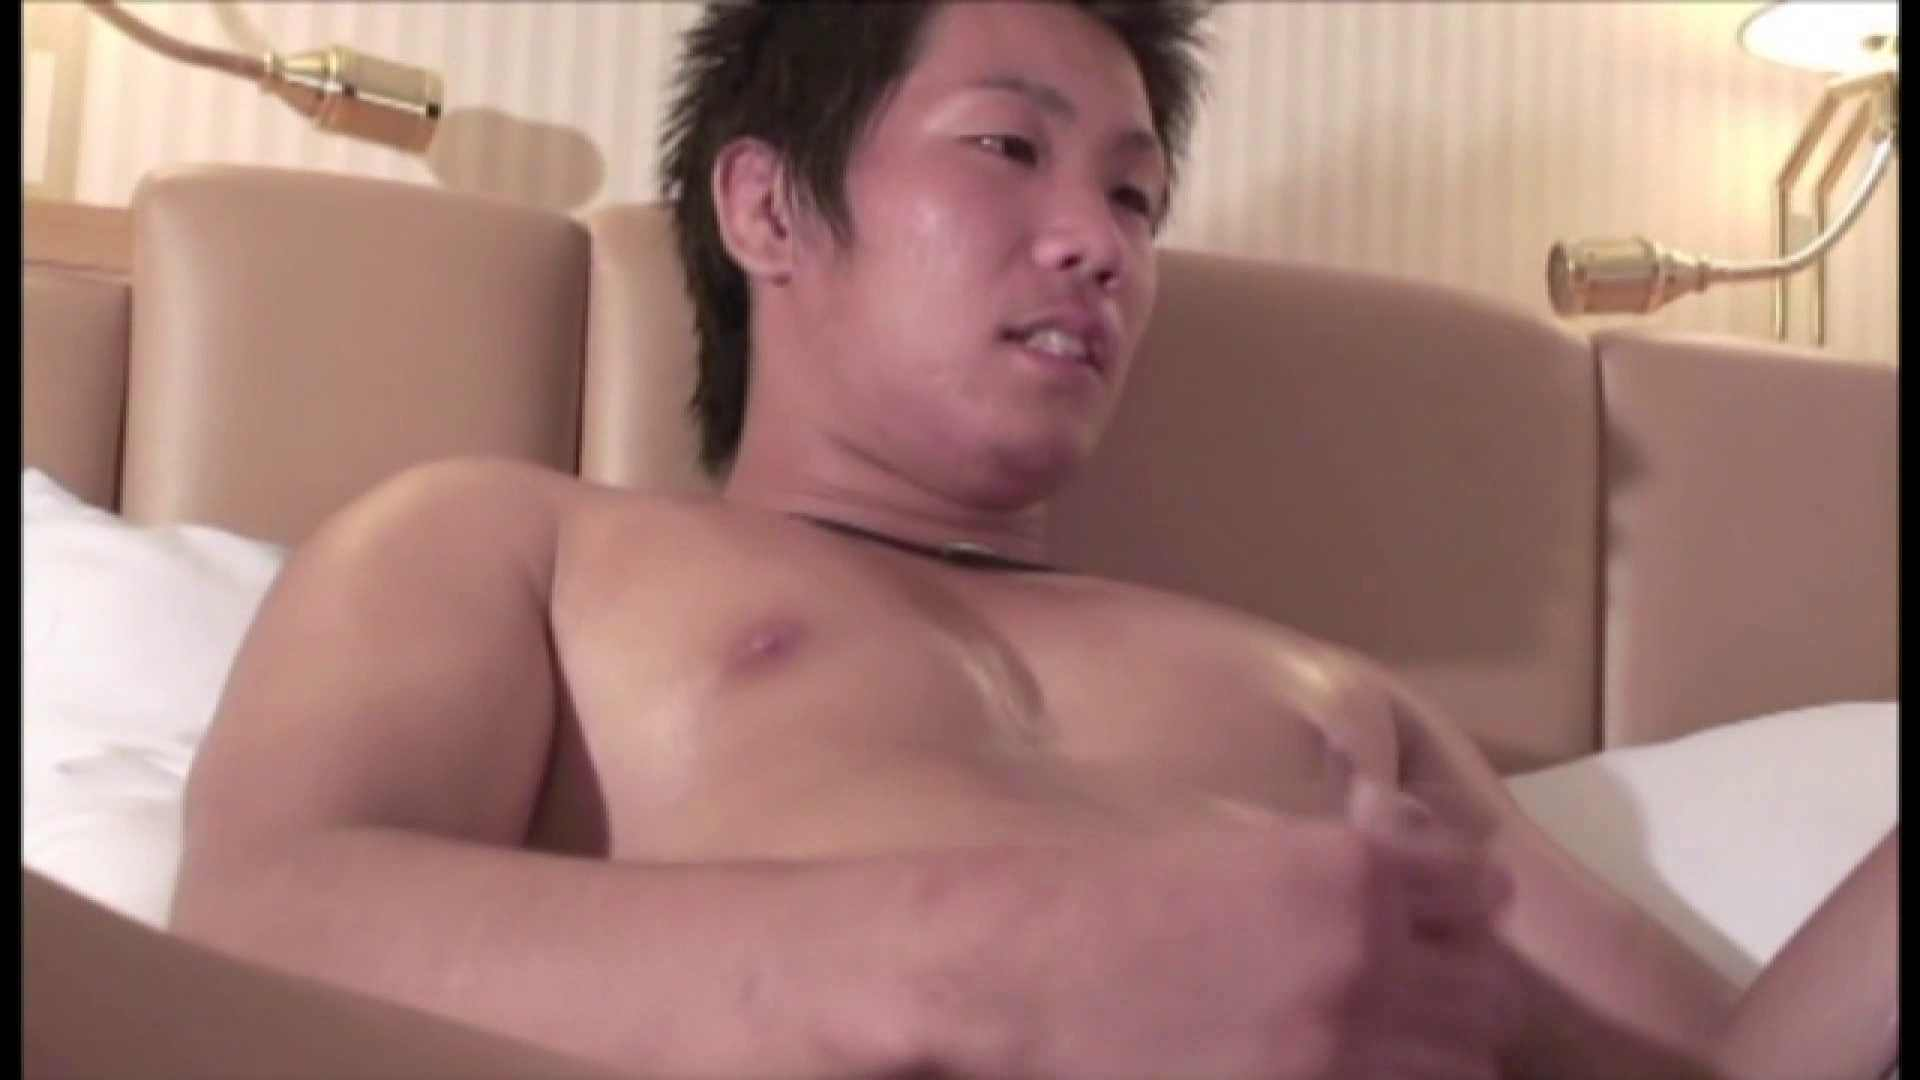 ノンケイケメンの欲望と肉棒 Vol.25 ノンケ ゲイアダルト画像 40連発 33